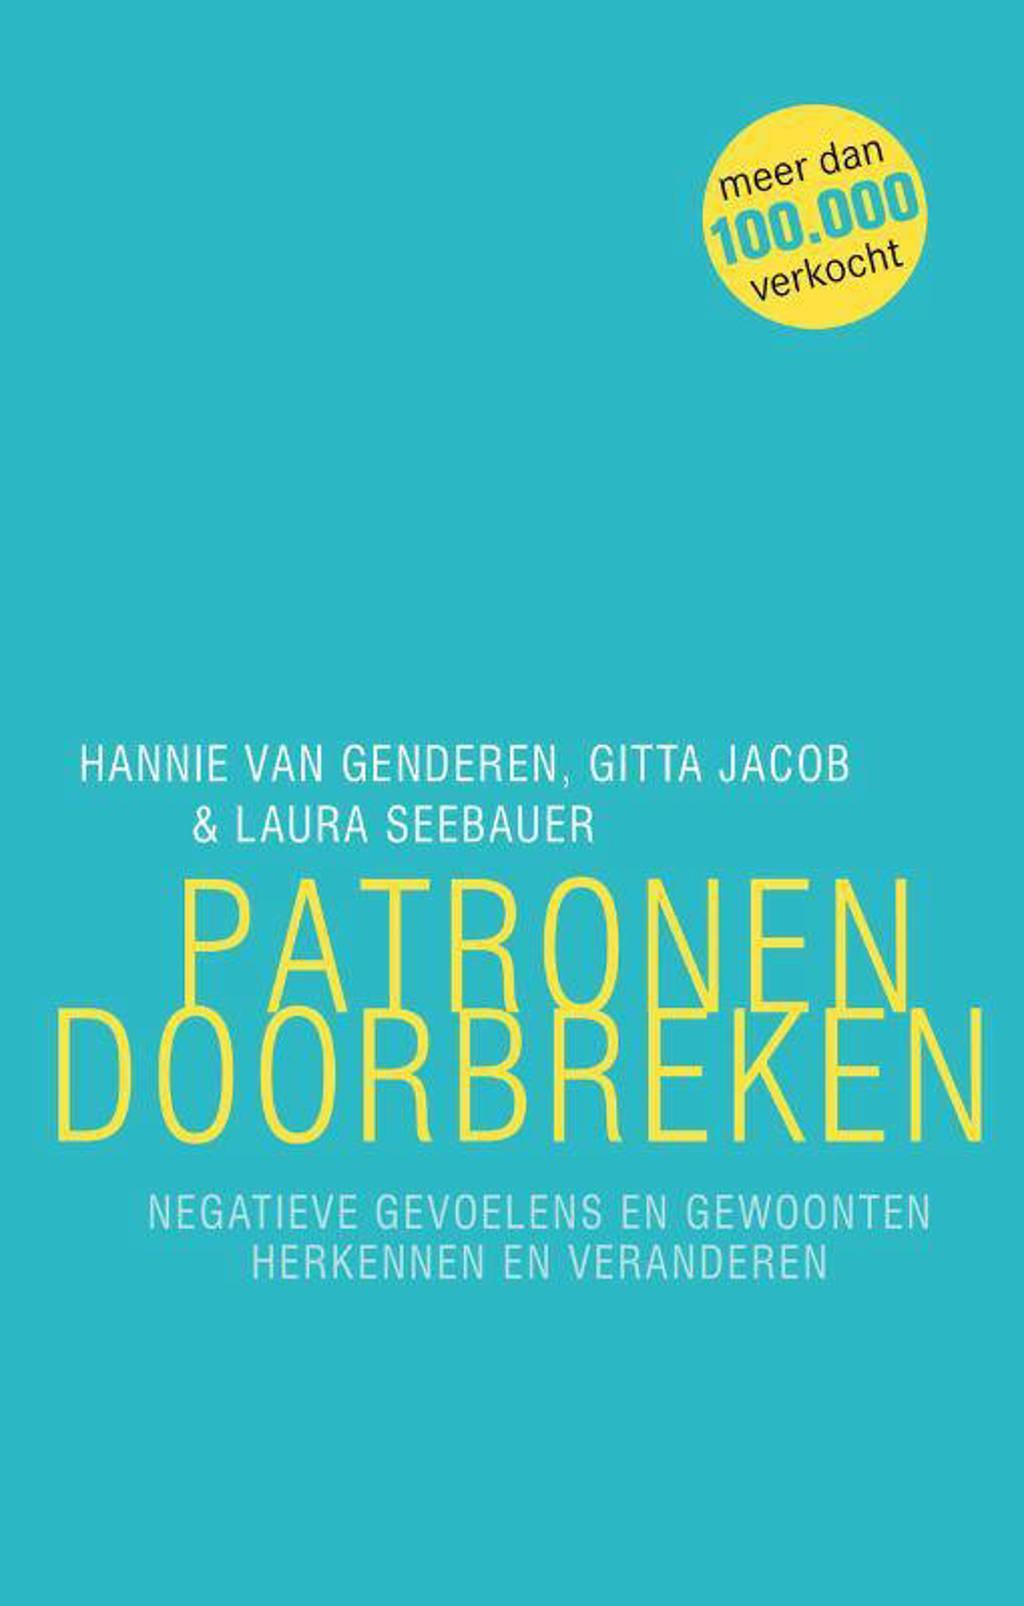 Patronen doorbreken - Hannie van Genderen, Gitta Jacob en Laura Seebauer